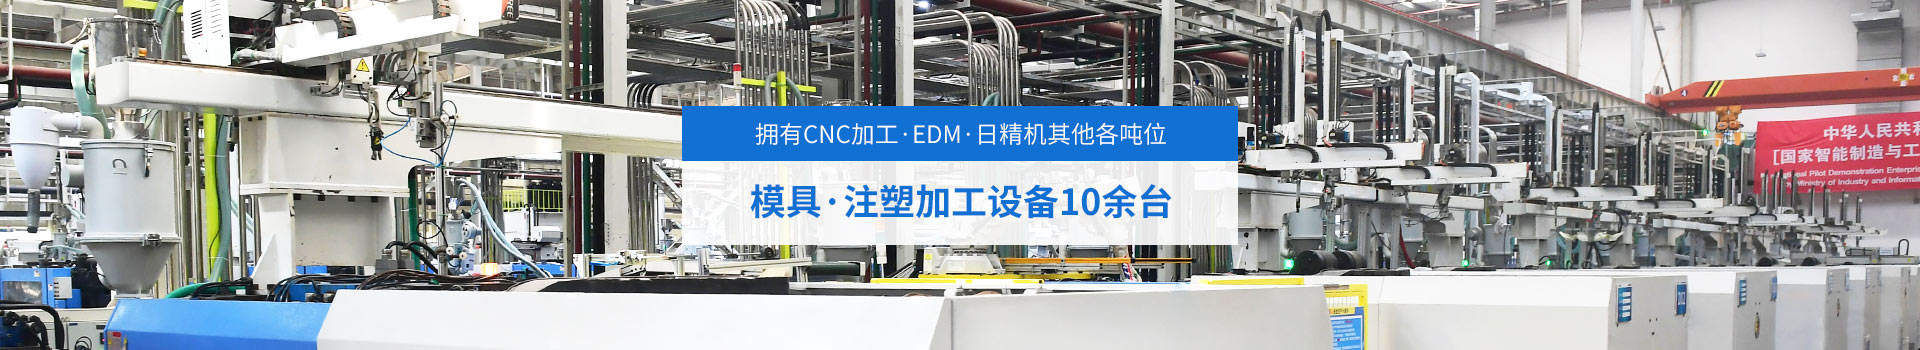 环科精密-拥有CNC加工、EDM、日精机 其他各吨位模具、注塑加工设备十余台